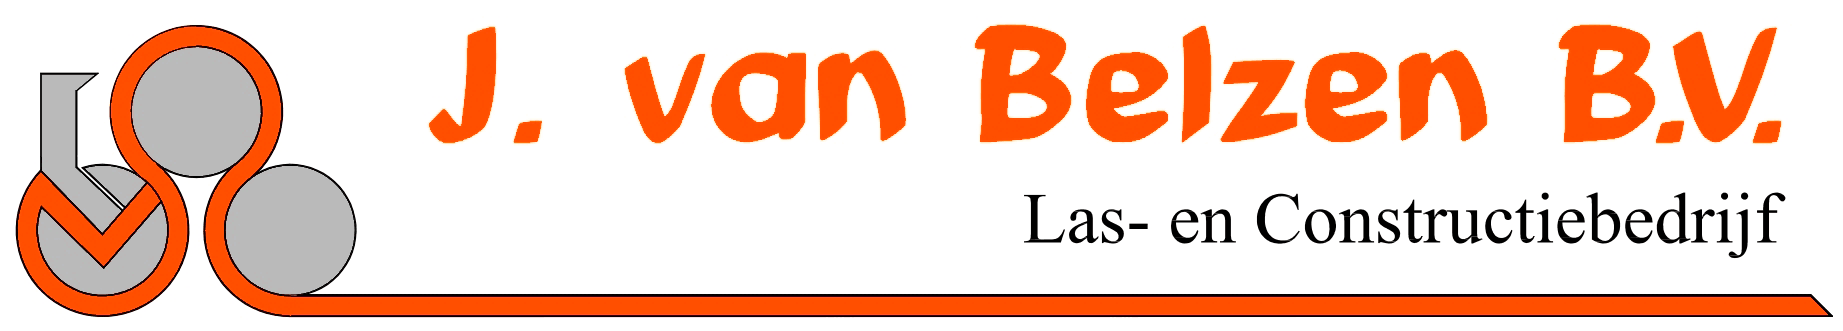 Las- en Constructiebedrijf van Belzen